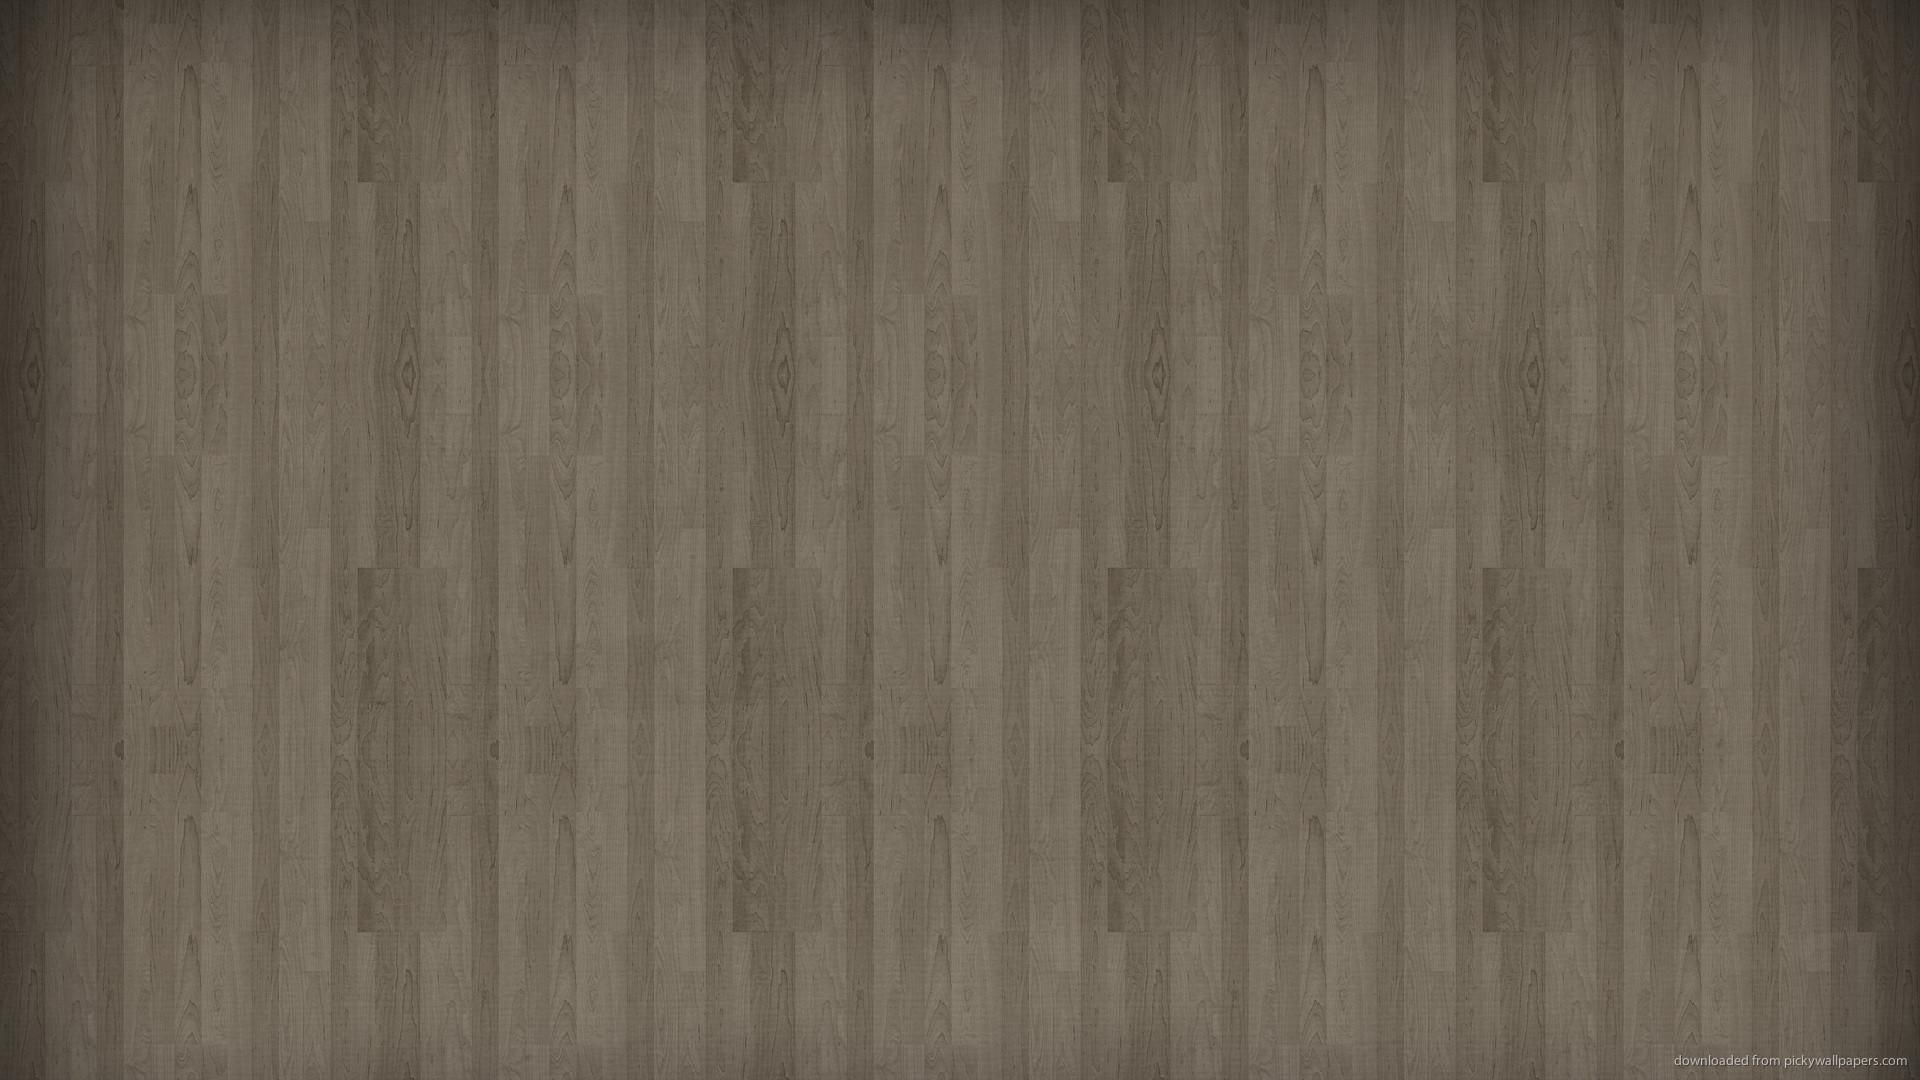 Grey Wood Flooring Texture And Download x Grey Wooden Floor Pattern  Wallpaper